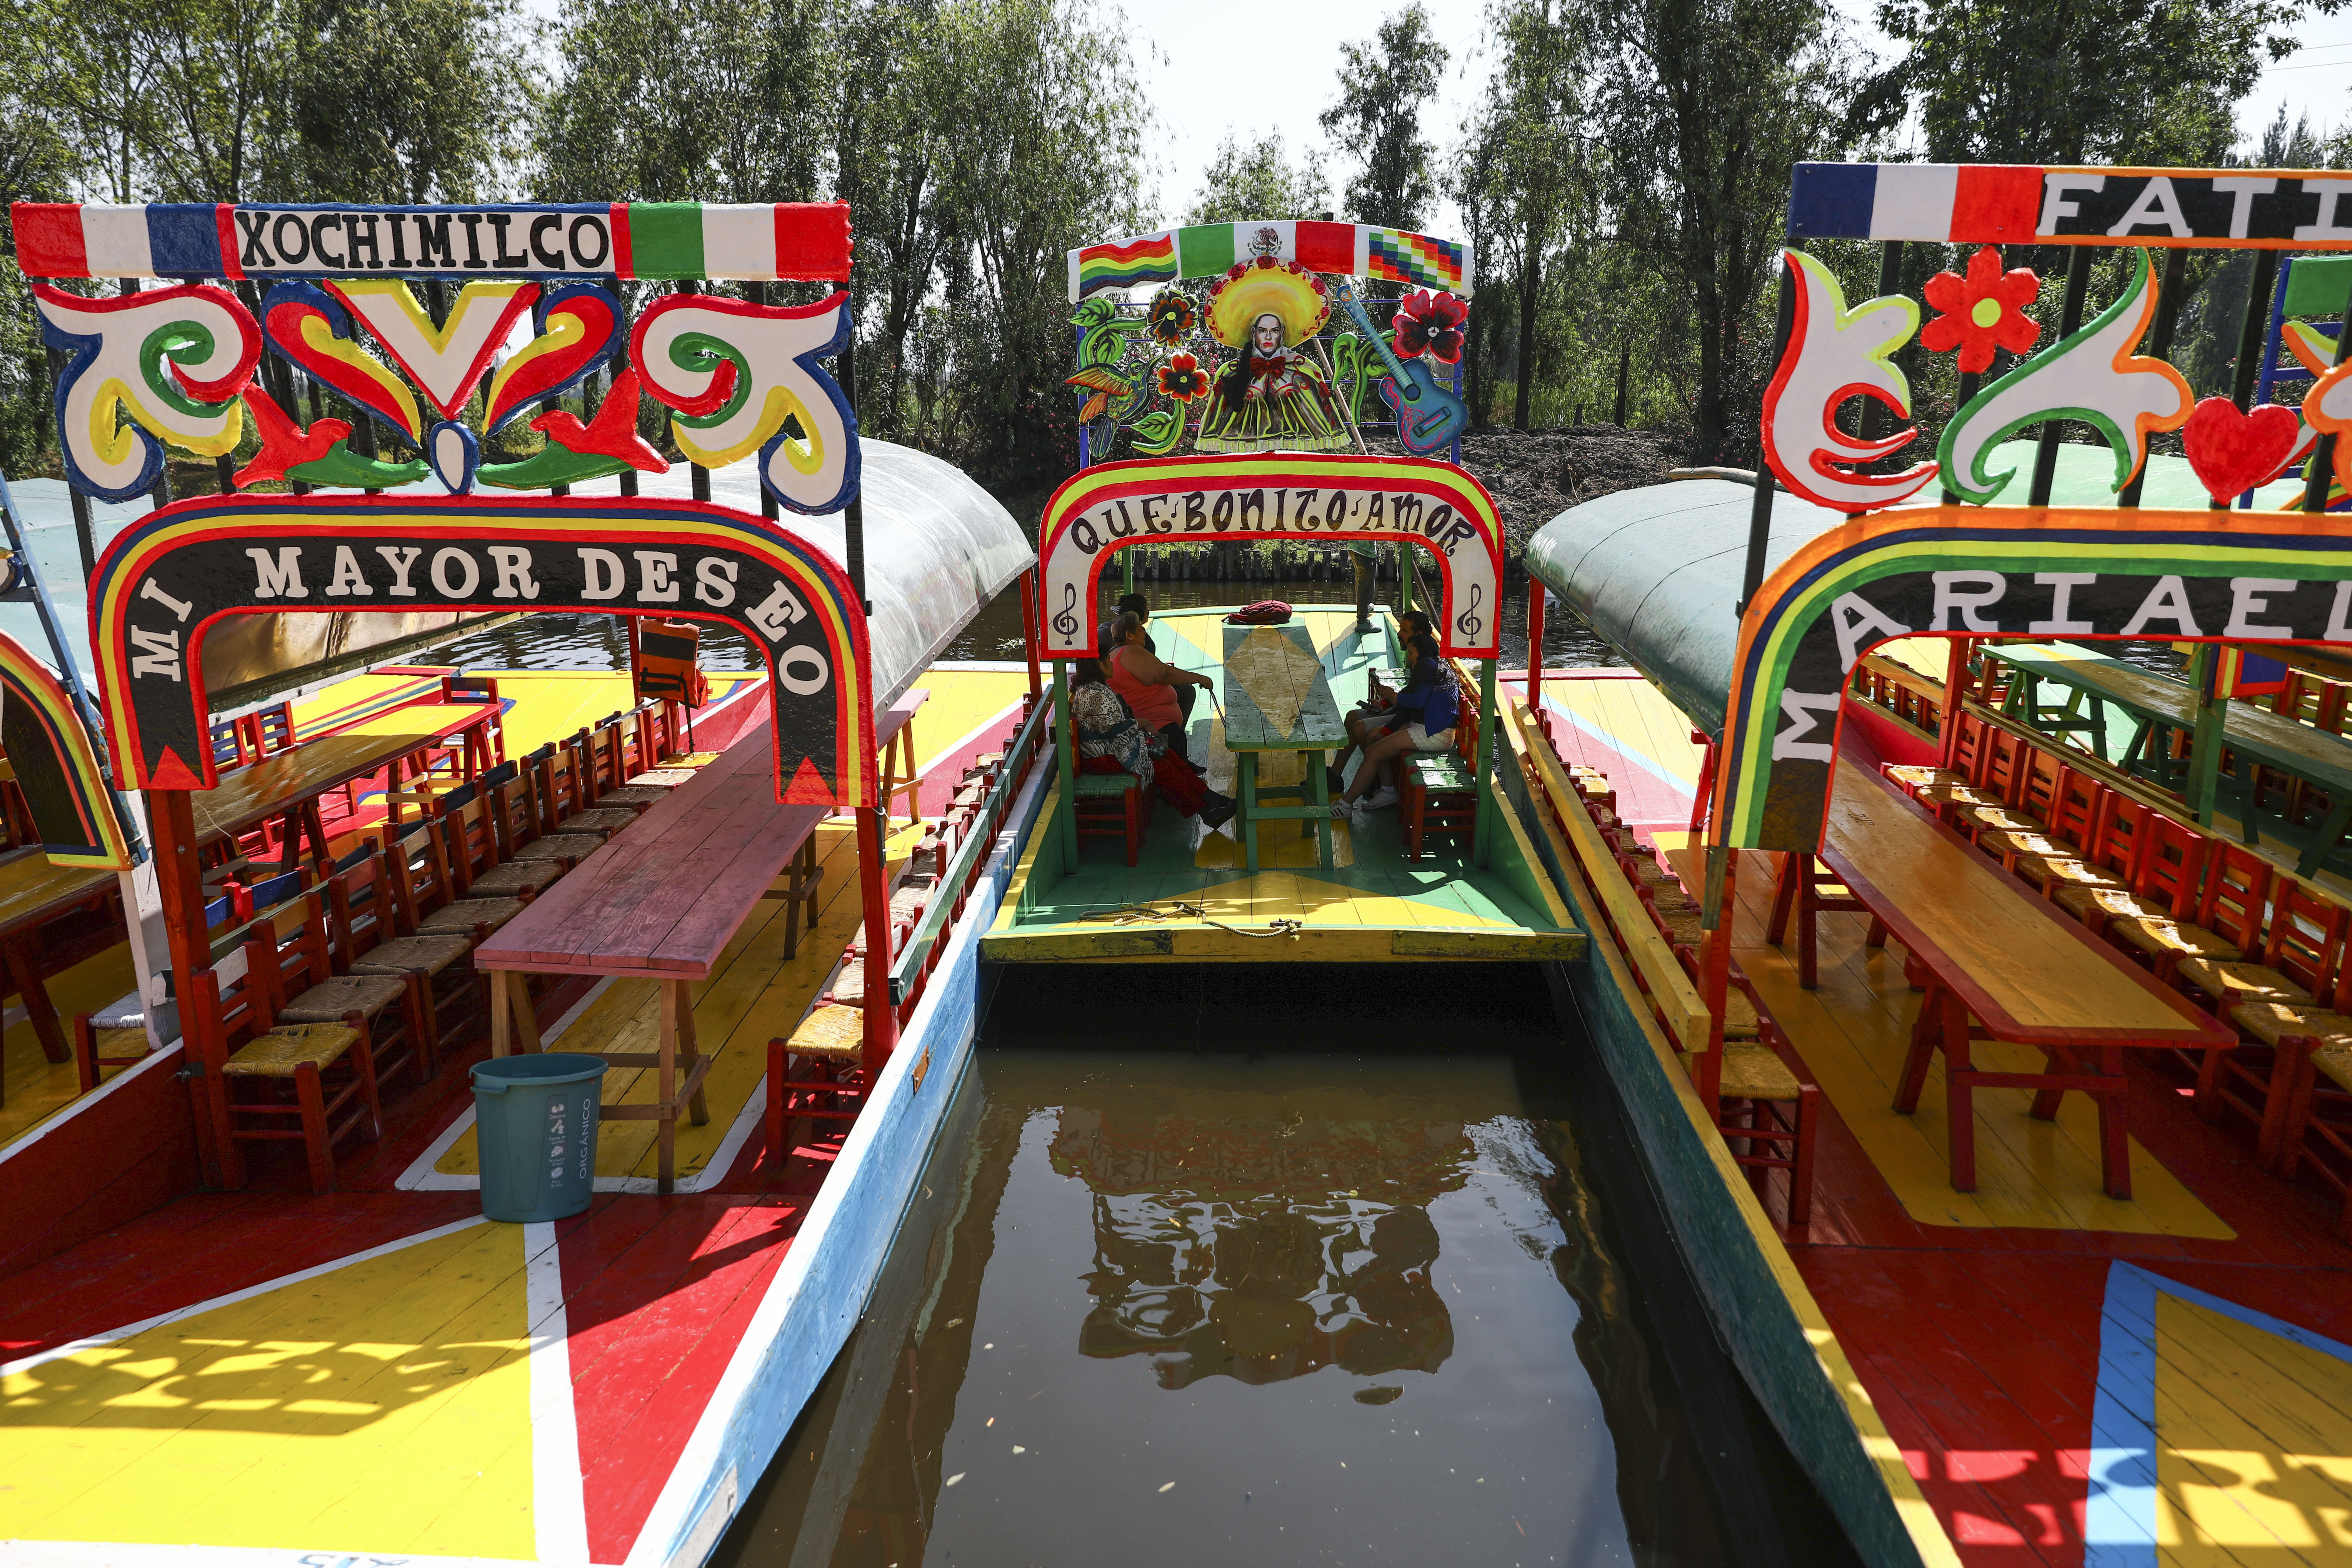 Los visitantes viajan en una trajinera, uno de los botes de madera pintados populares entre los turistas que recorren los canales en el distrito de Xochimilco de la Ciudad de México, el domingo 22 de marzo de 2020.